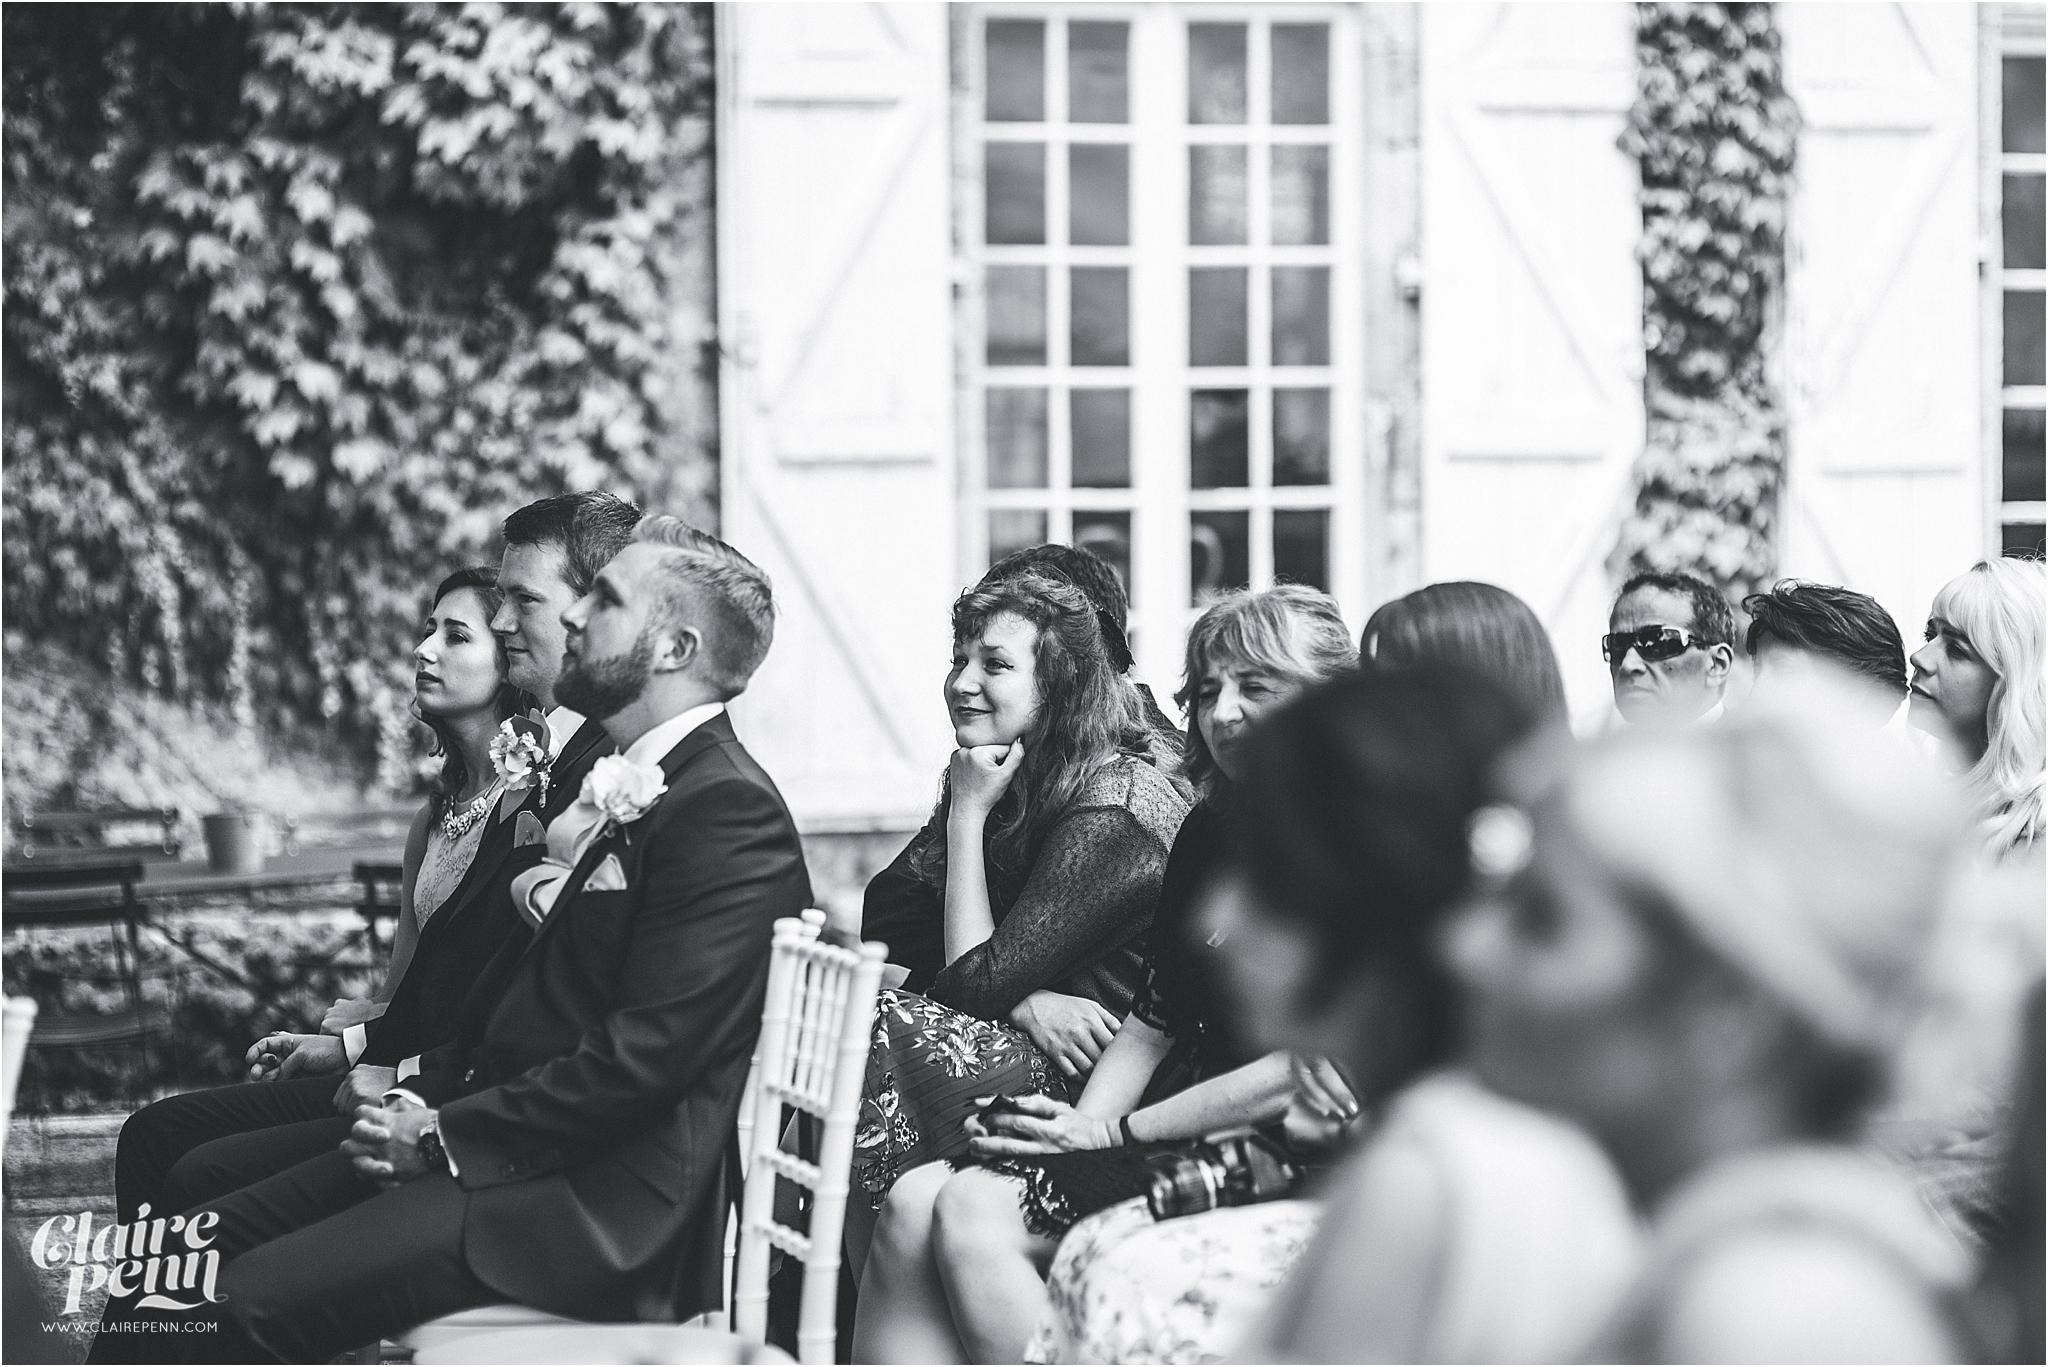 Fairytale Chateau wedding Dordogne 00025.jpg